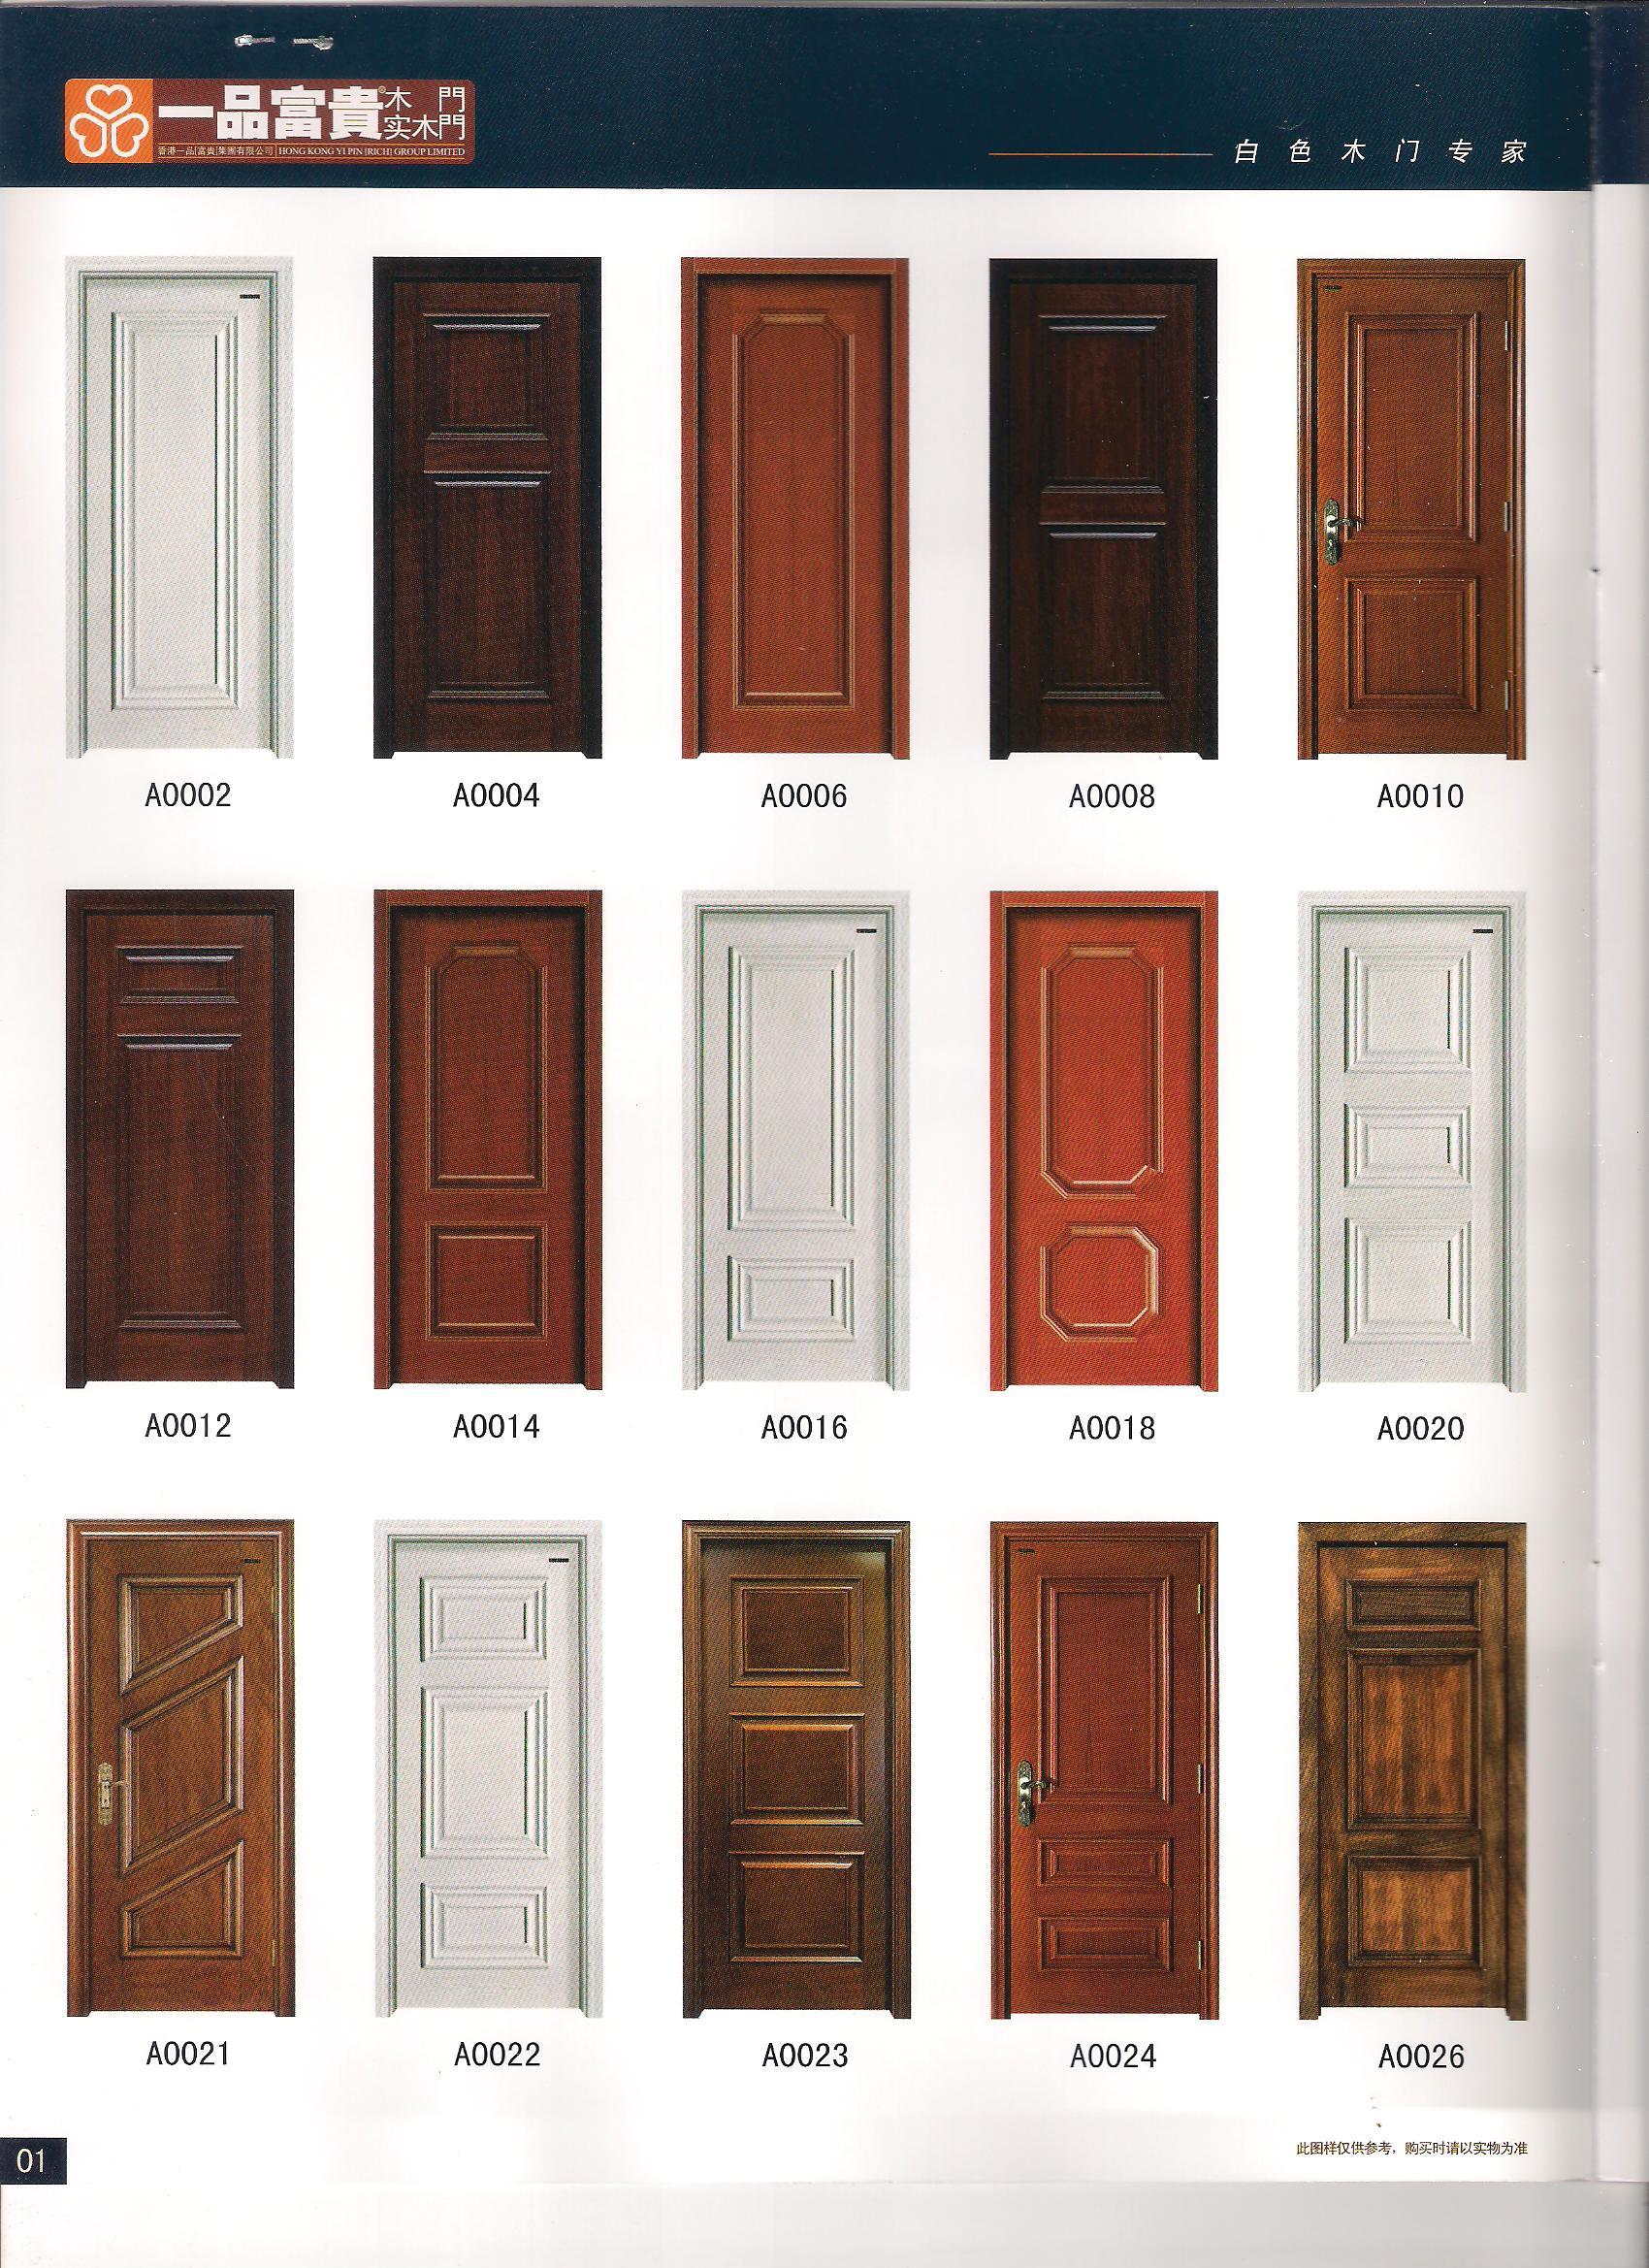 硬度:;风格:欧式,中国风等;使用范围:卧室门